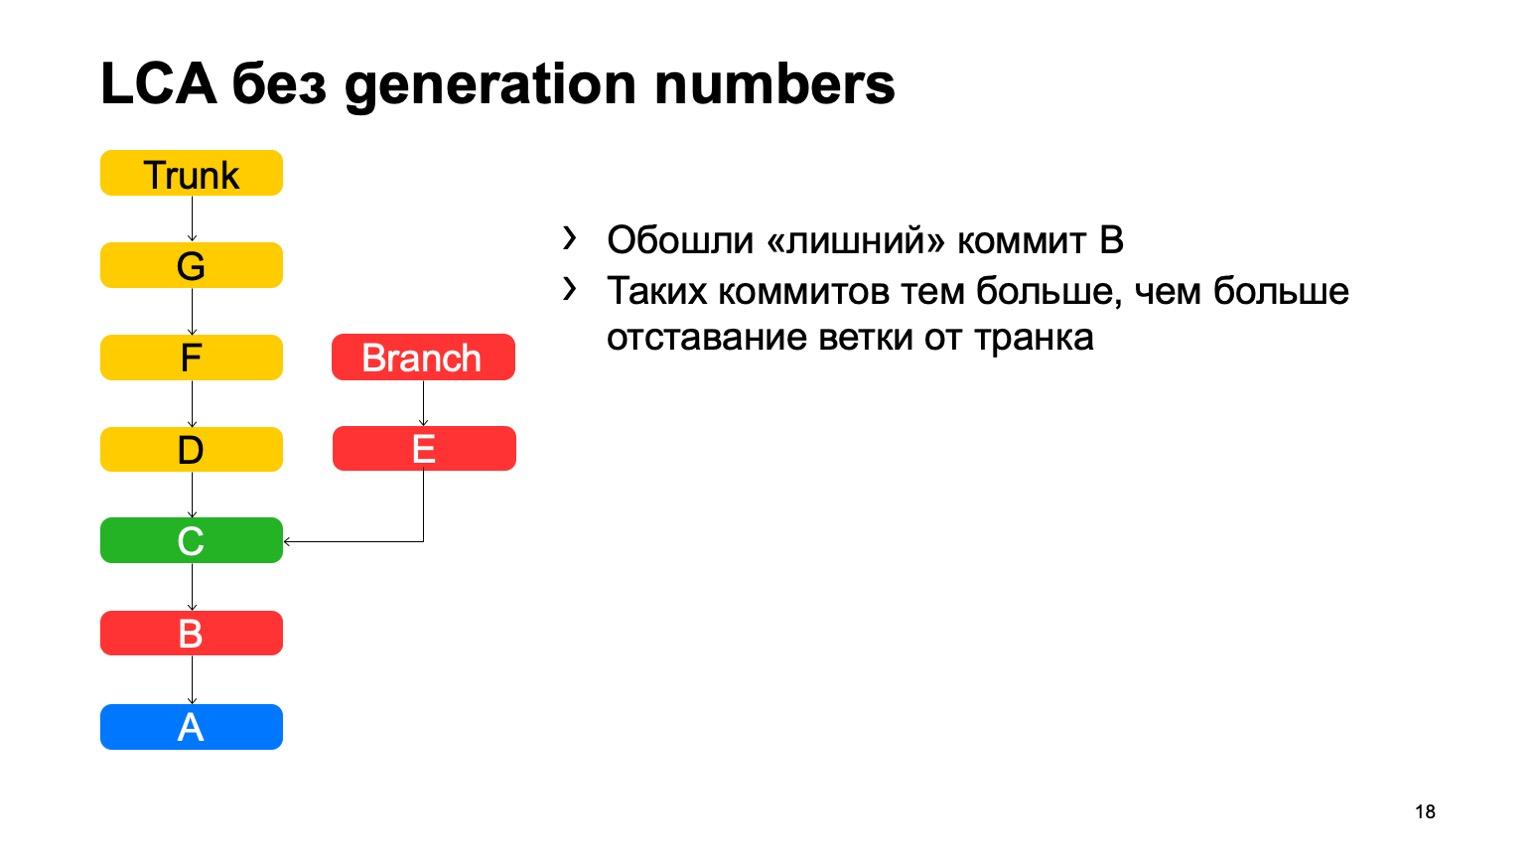 Arc — система контроля версий для монорепозитория. Доклад Яндекса - 11